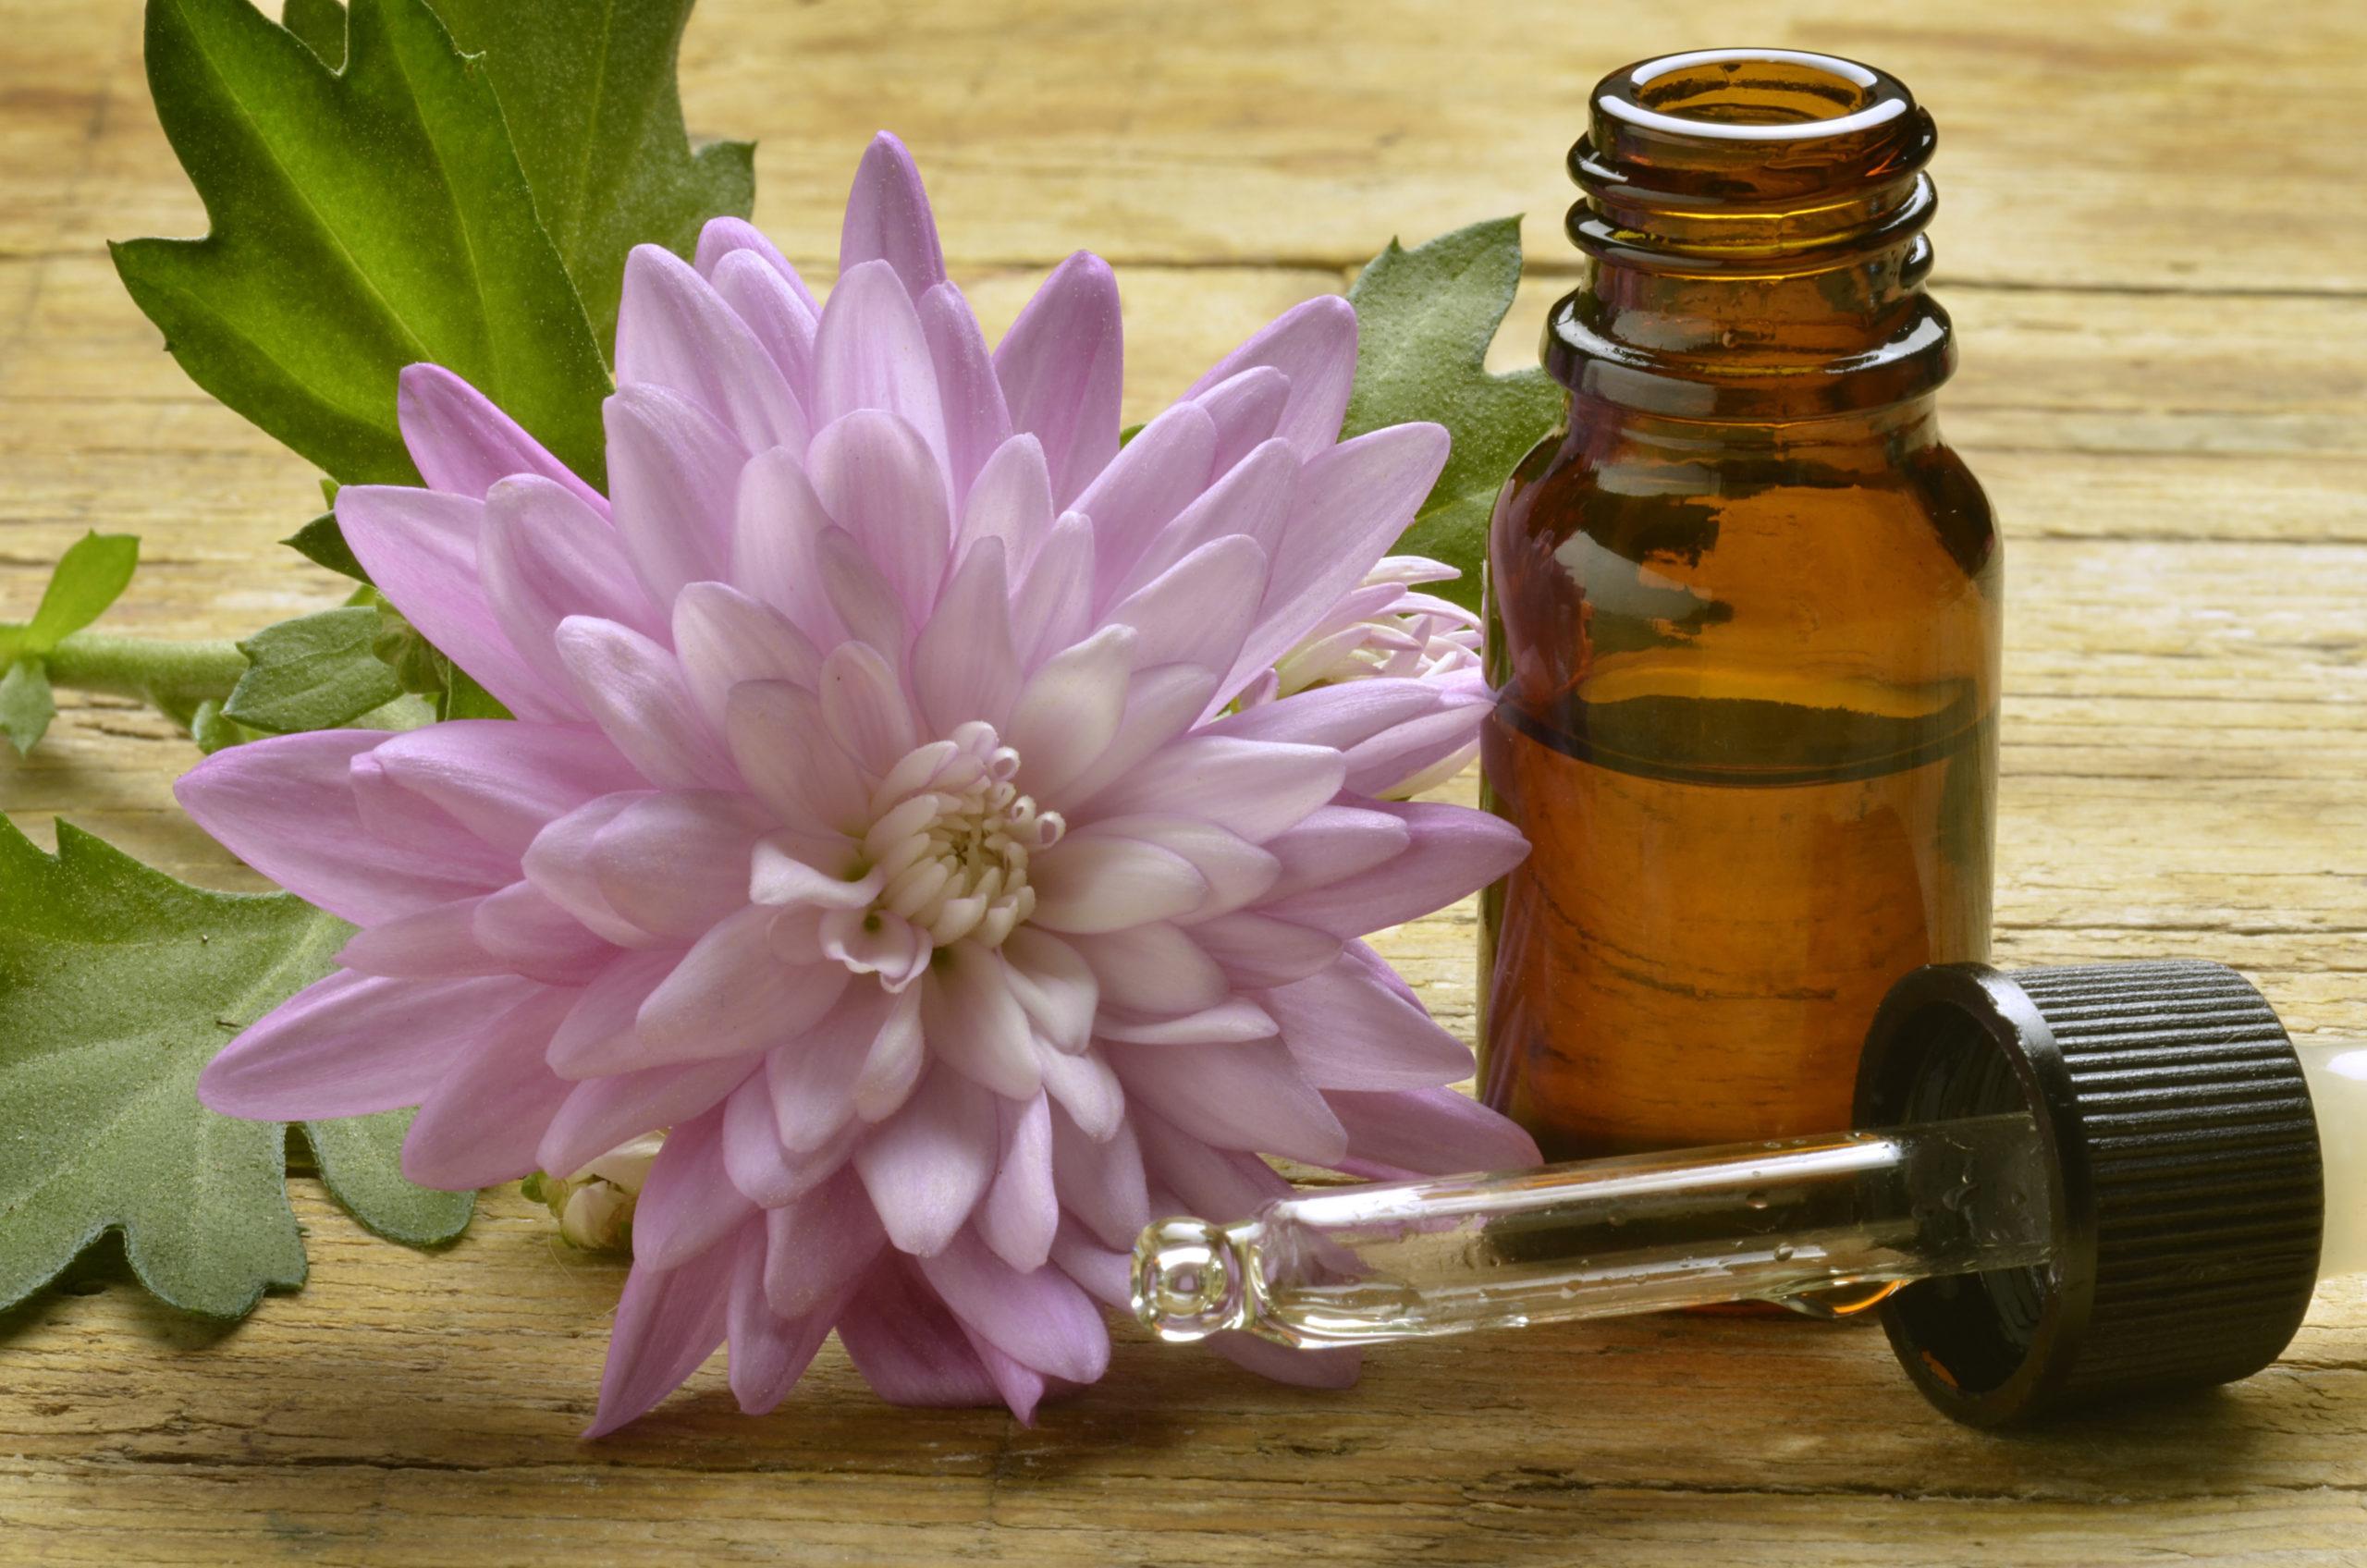 esencias florales de bach